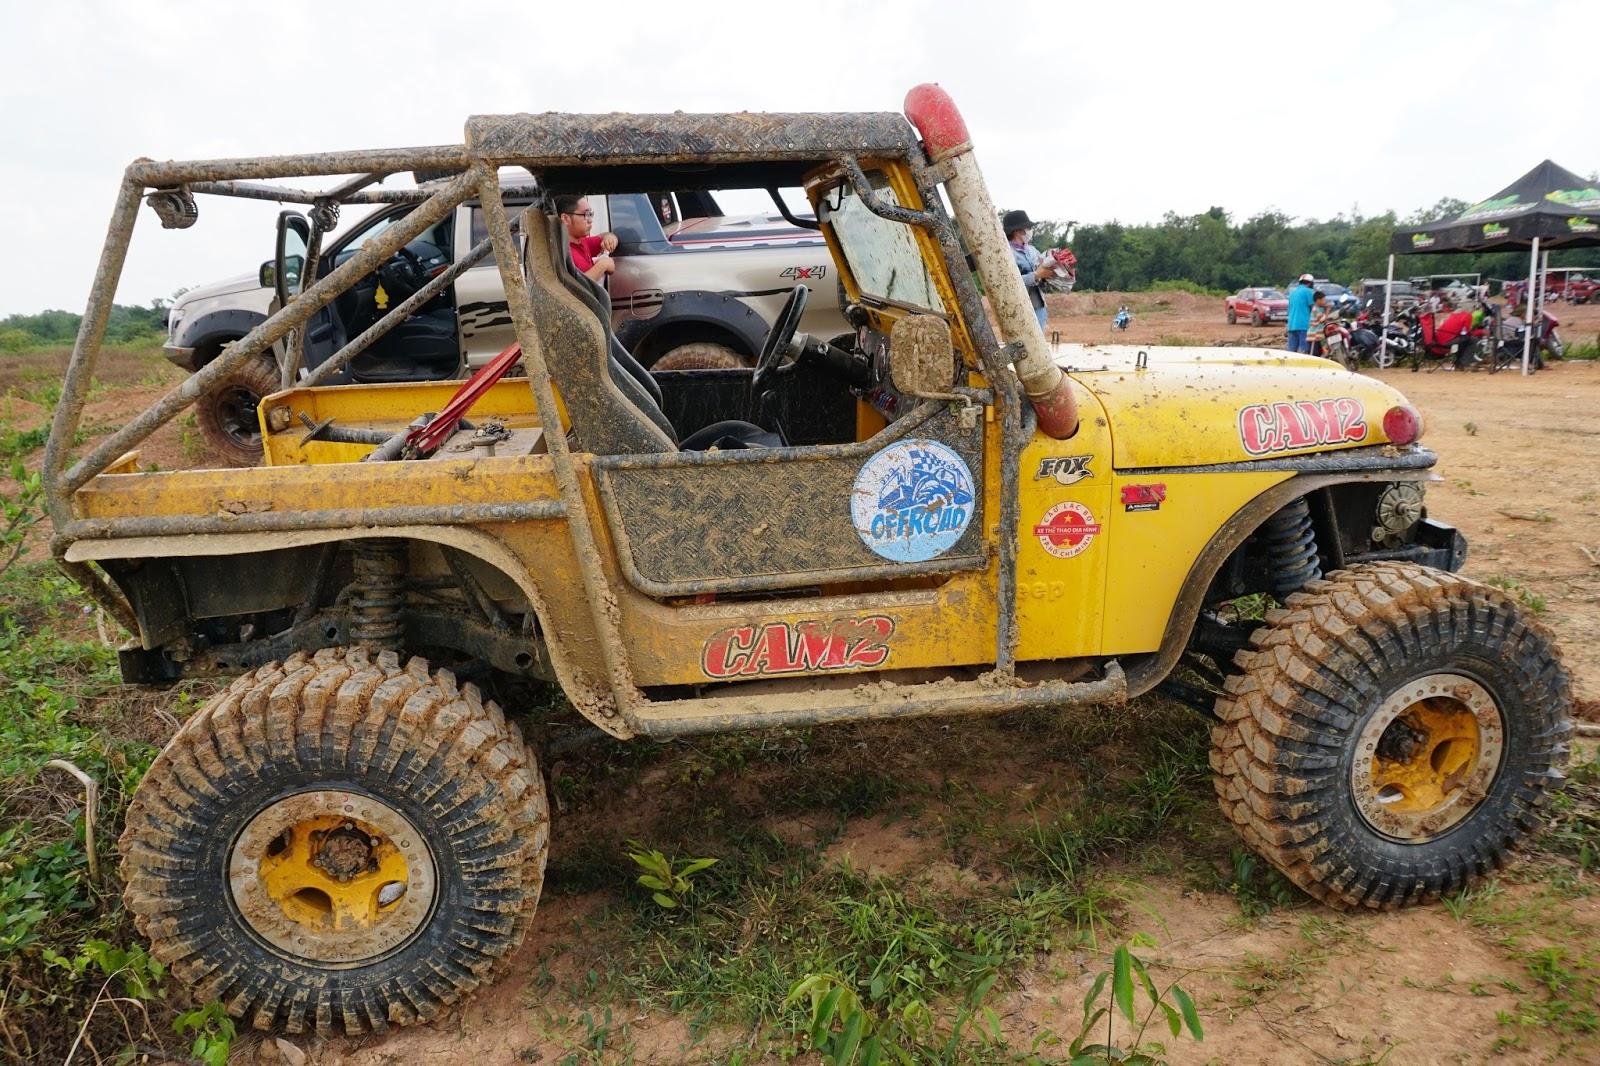 Xế Jeep độ vàng, trông rất ngầu và khá hiện đại ở bên trong lẫn bên ngoài